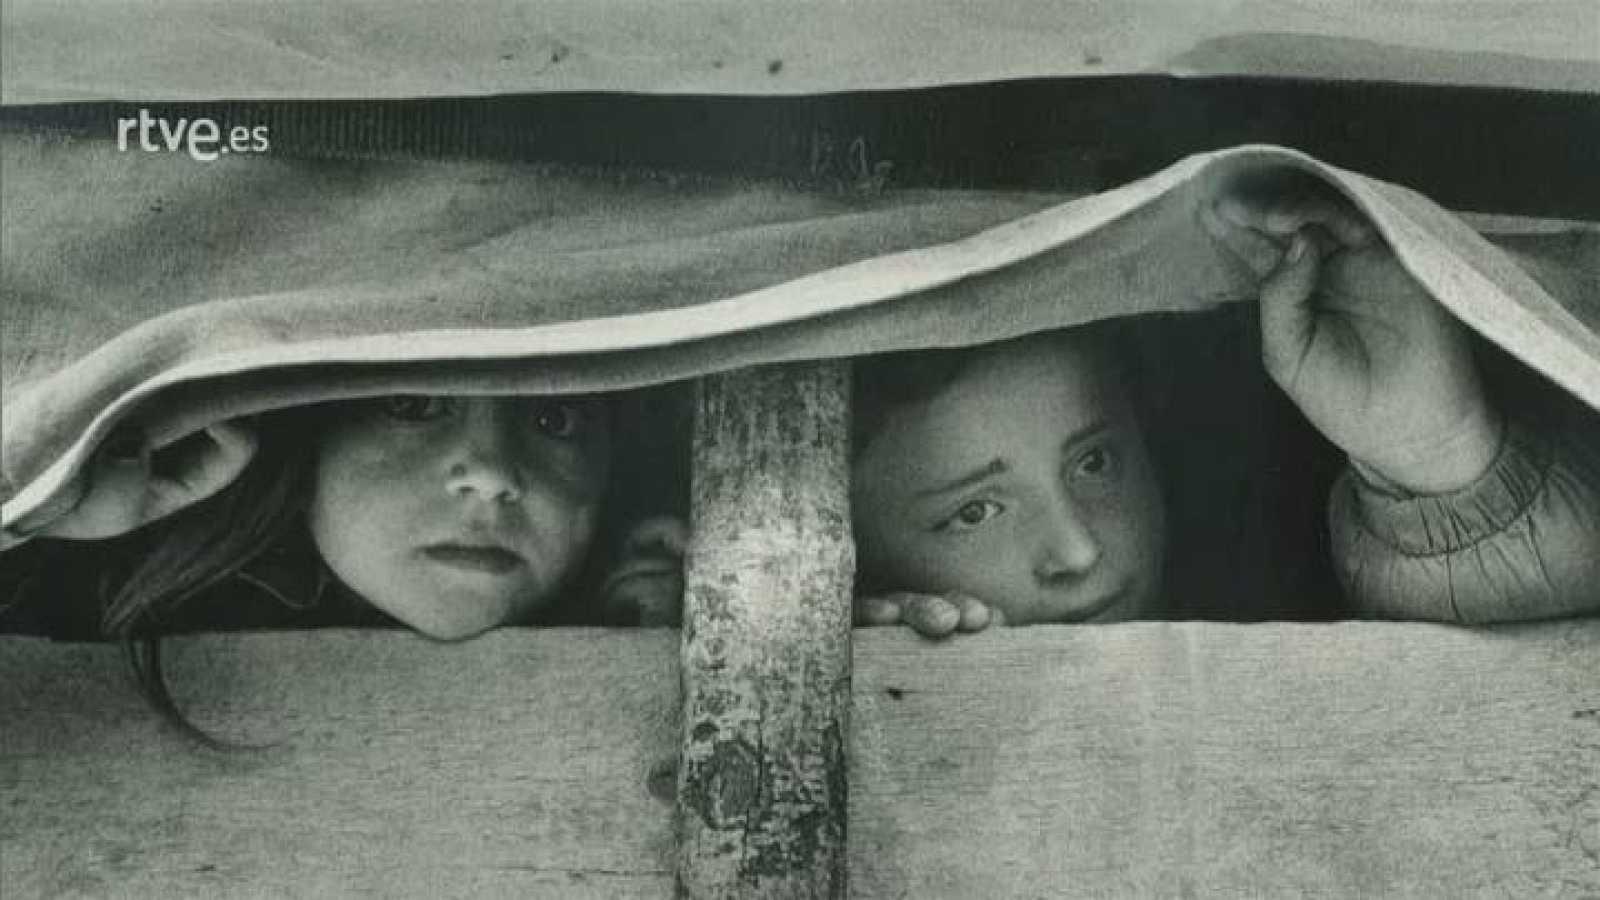 Imprescindibles - Gervasio Sánchez - Sandra Balsells comenta la fotografía de Gervasio Sánchez 'Dos niñas refugiadas albano kosovares escondidas en un camión'